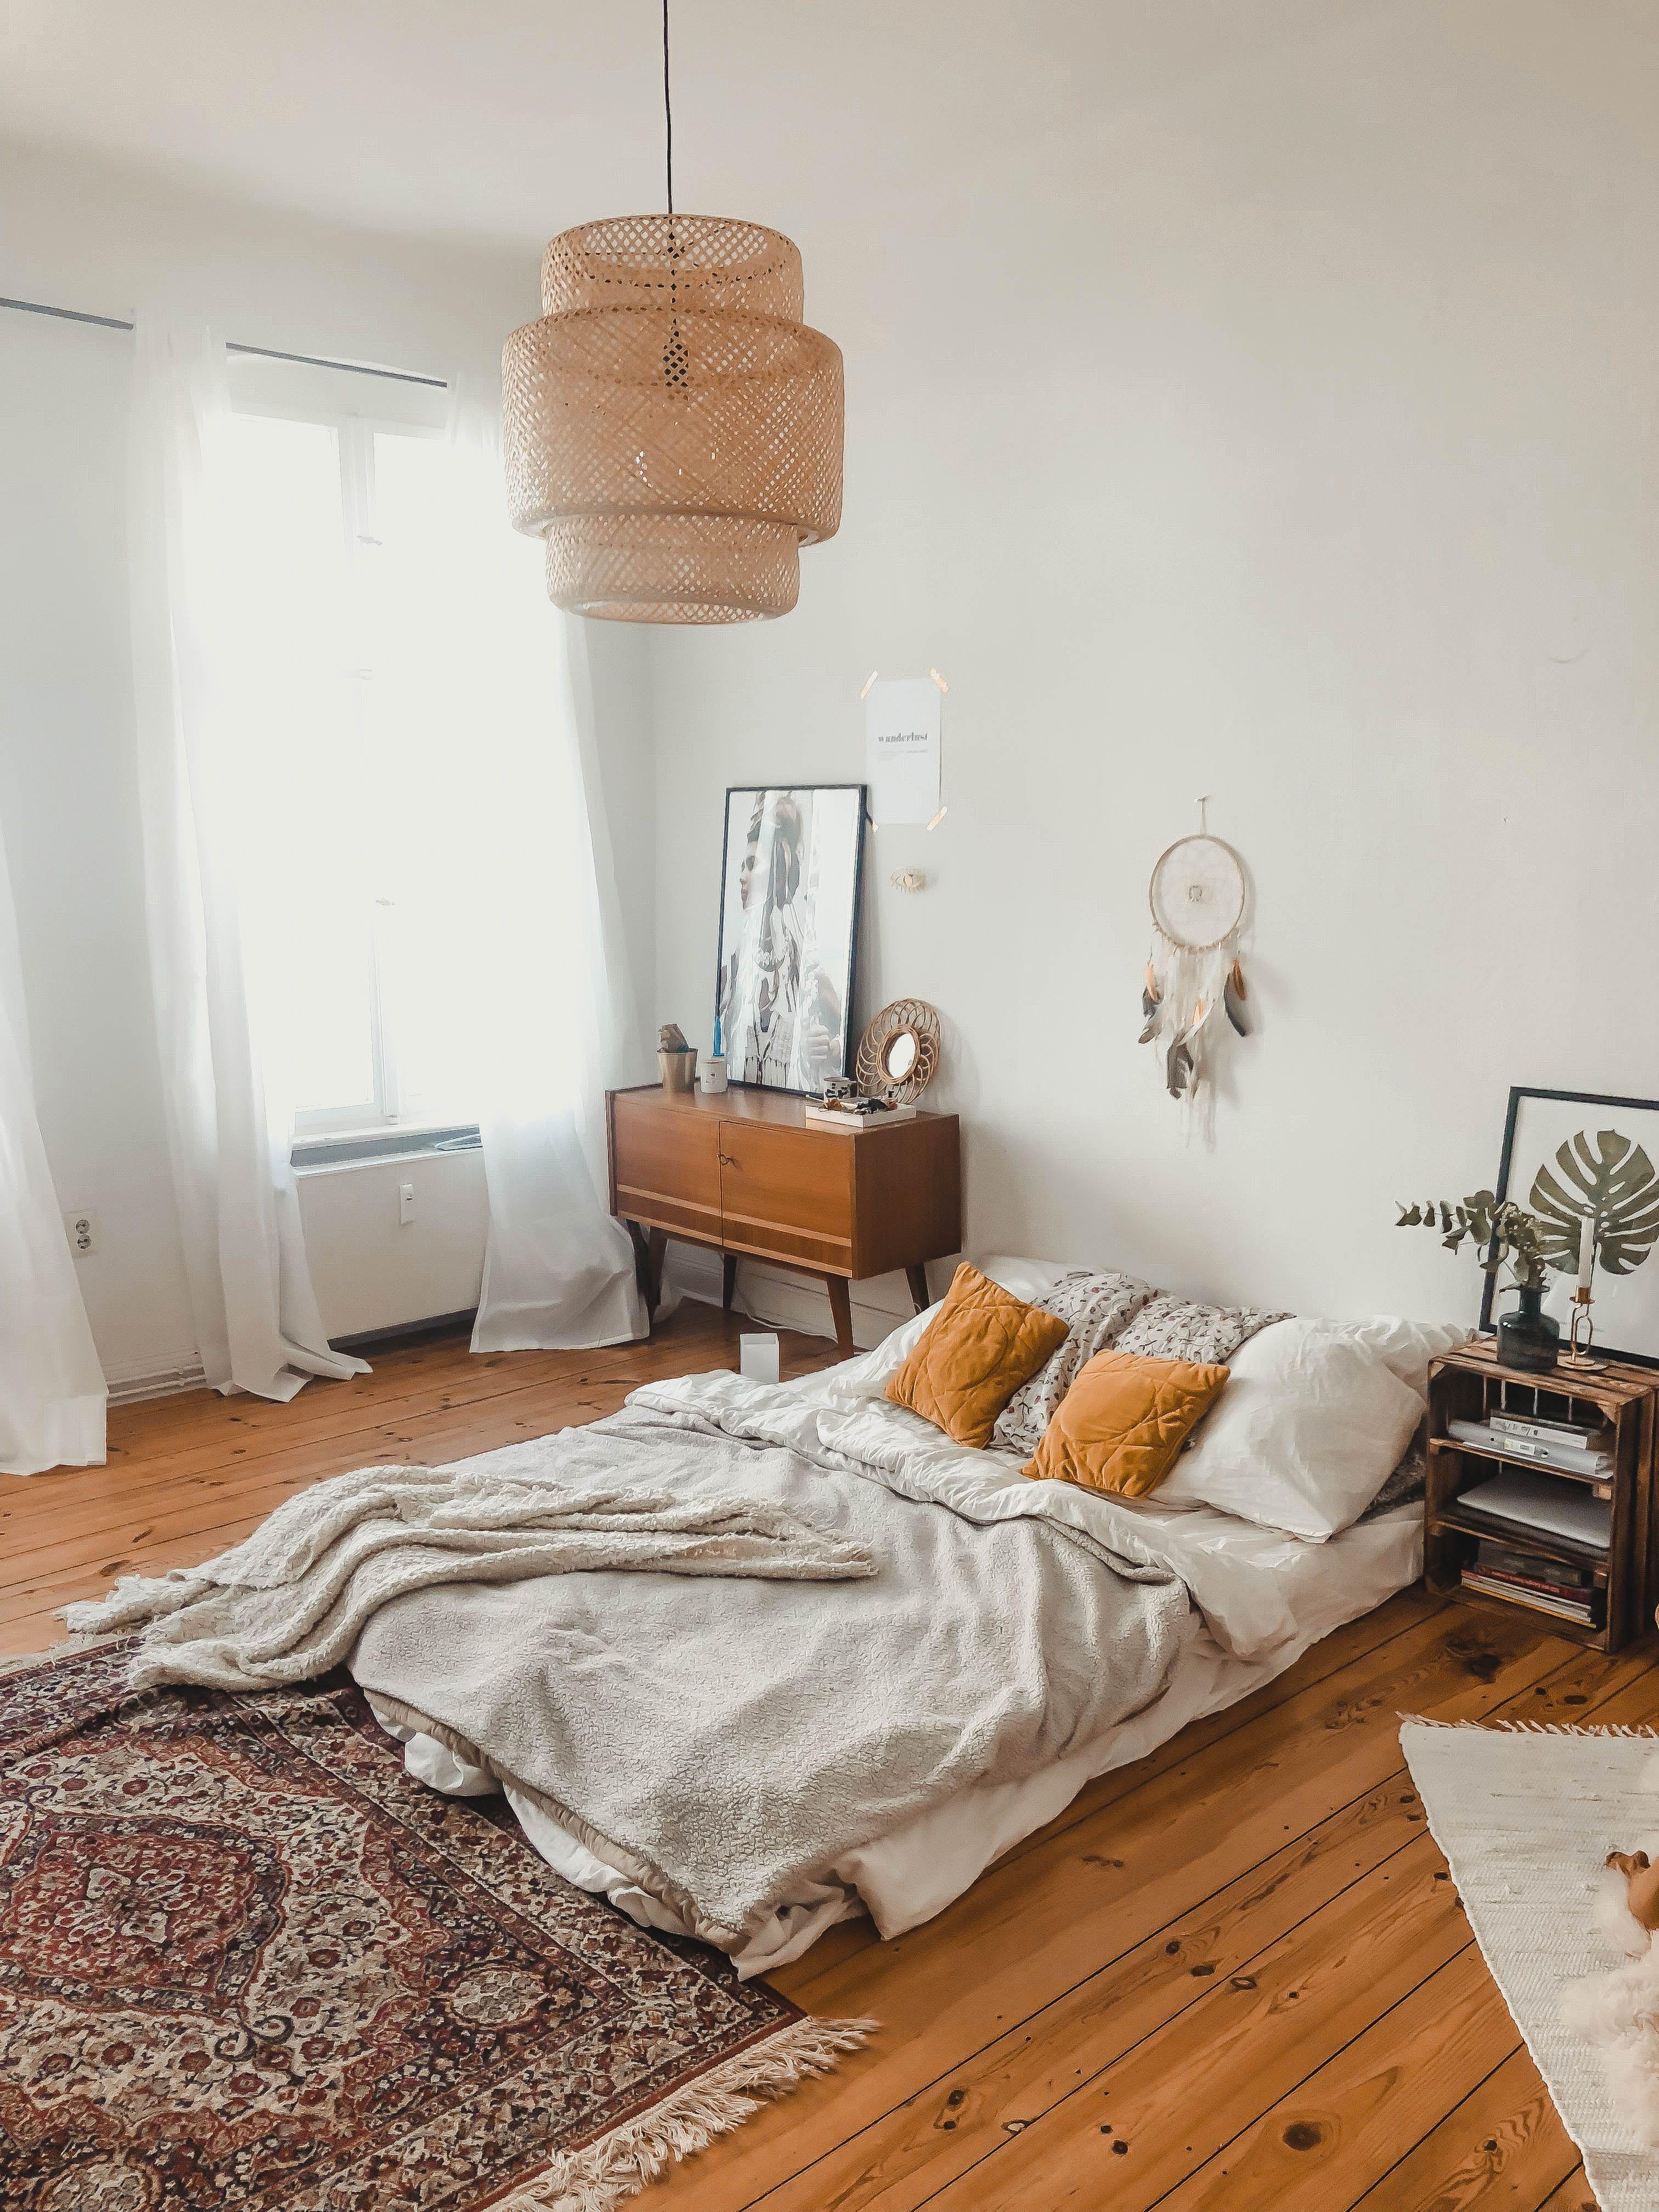 Mein neues Zimmer in Berlin I Wohnungssuche I Rack Buddy